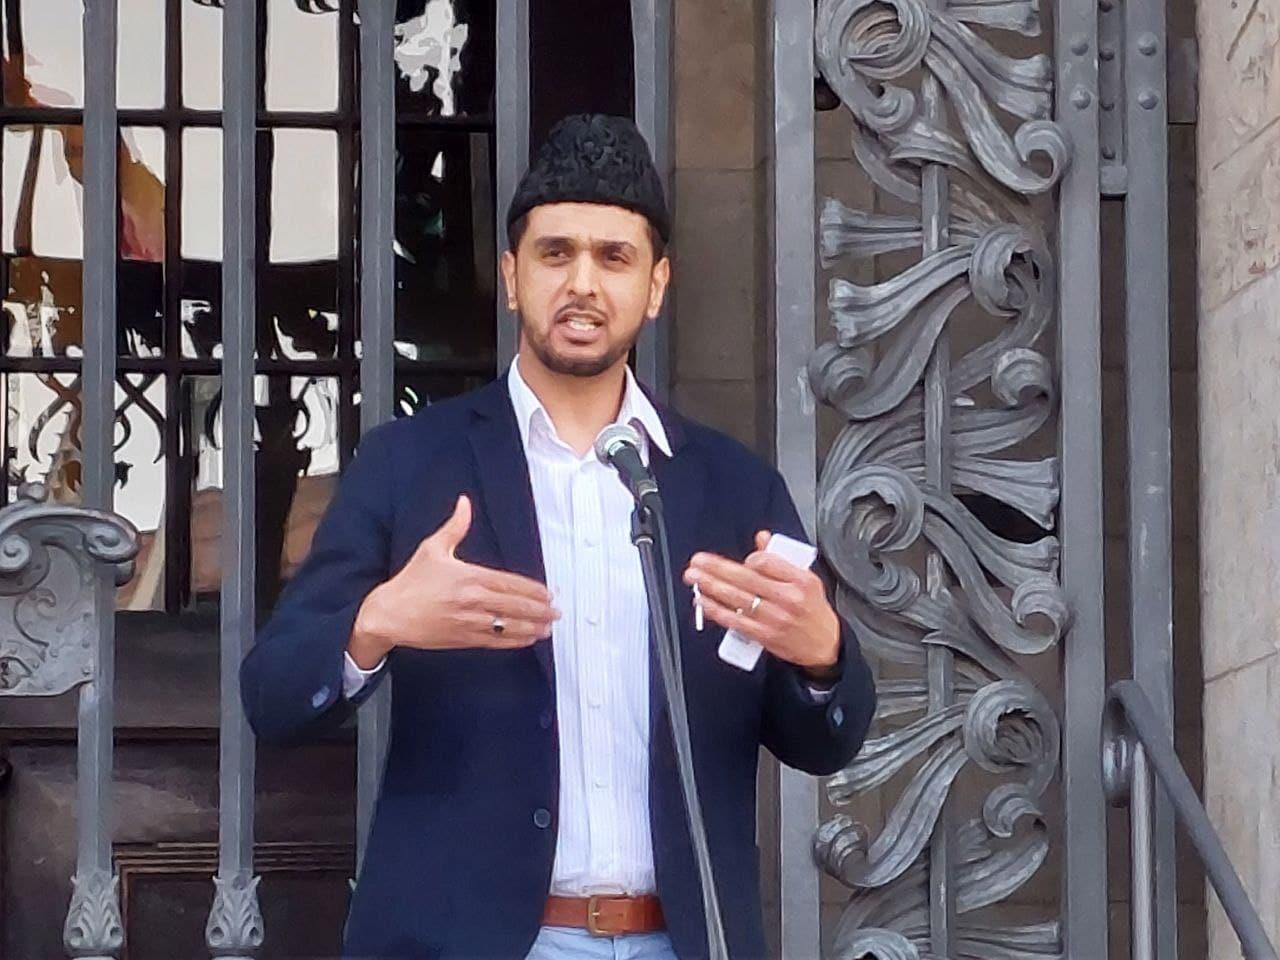 Umer Rashid Malik von der Leipziger Glaubensgemeinschaft der Ahmadiyya Muslim Jamaat. Foto: LZ